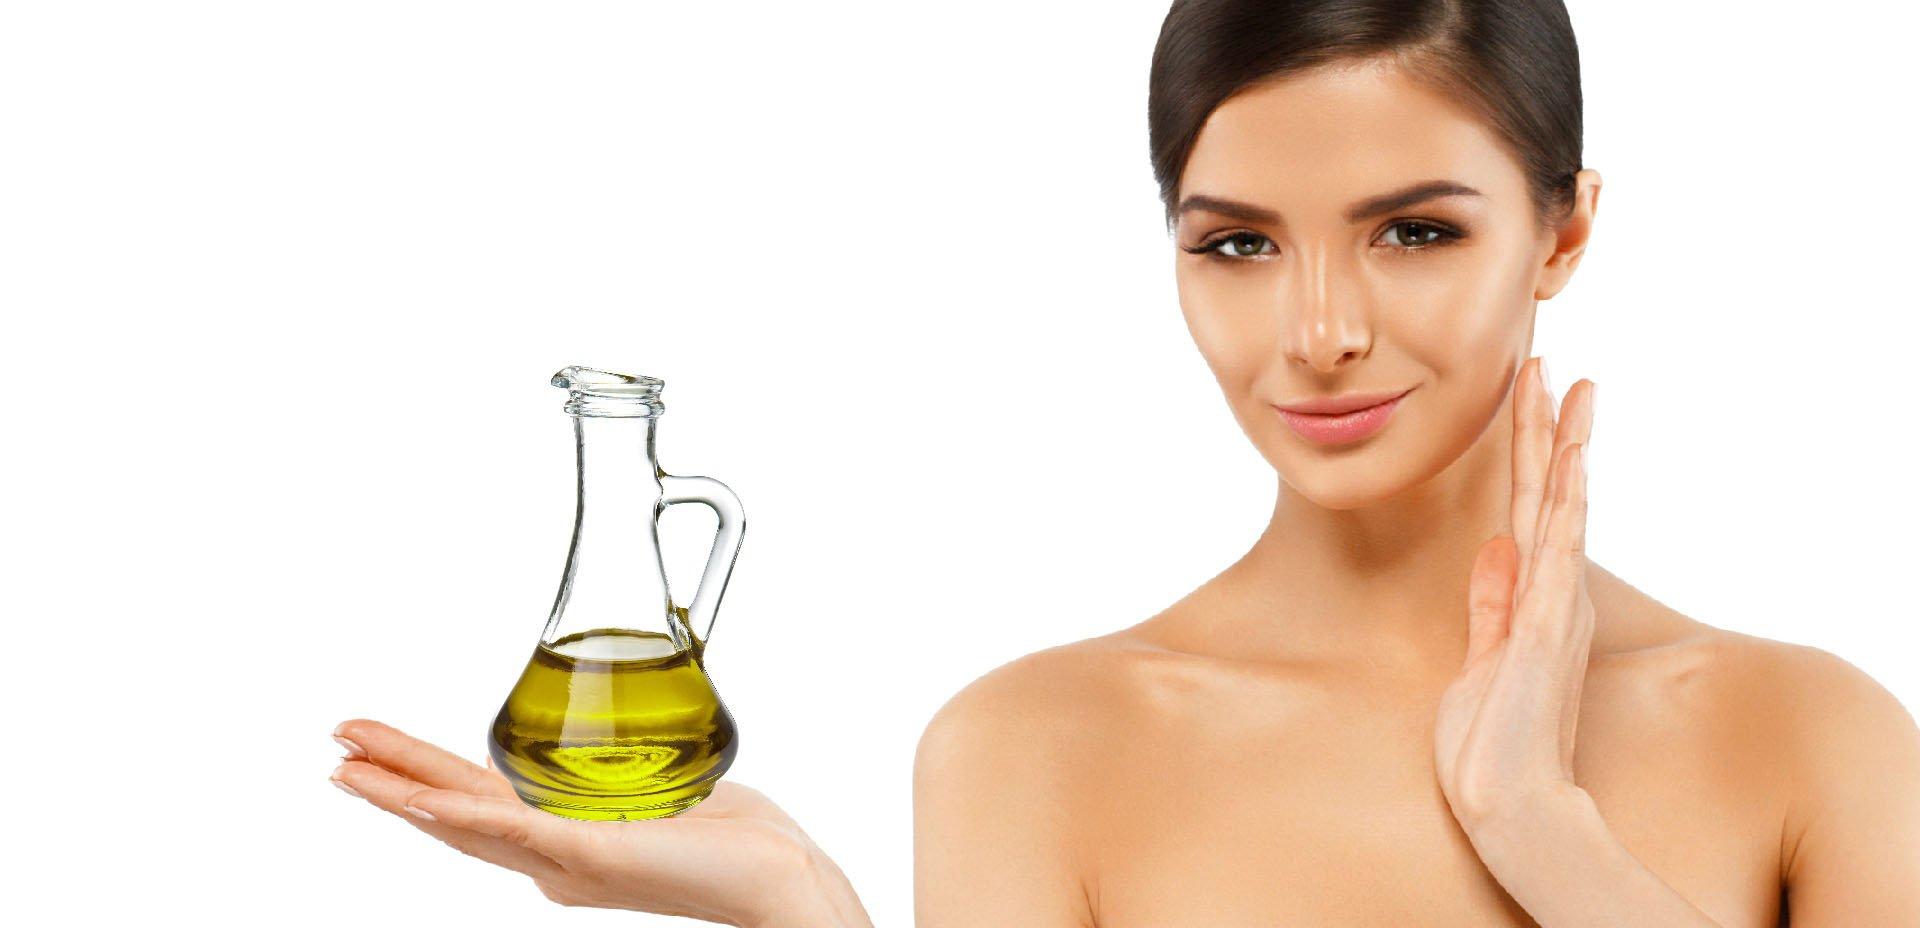 olio extravergine d'oliva per la cura del corpo